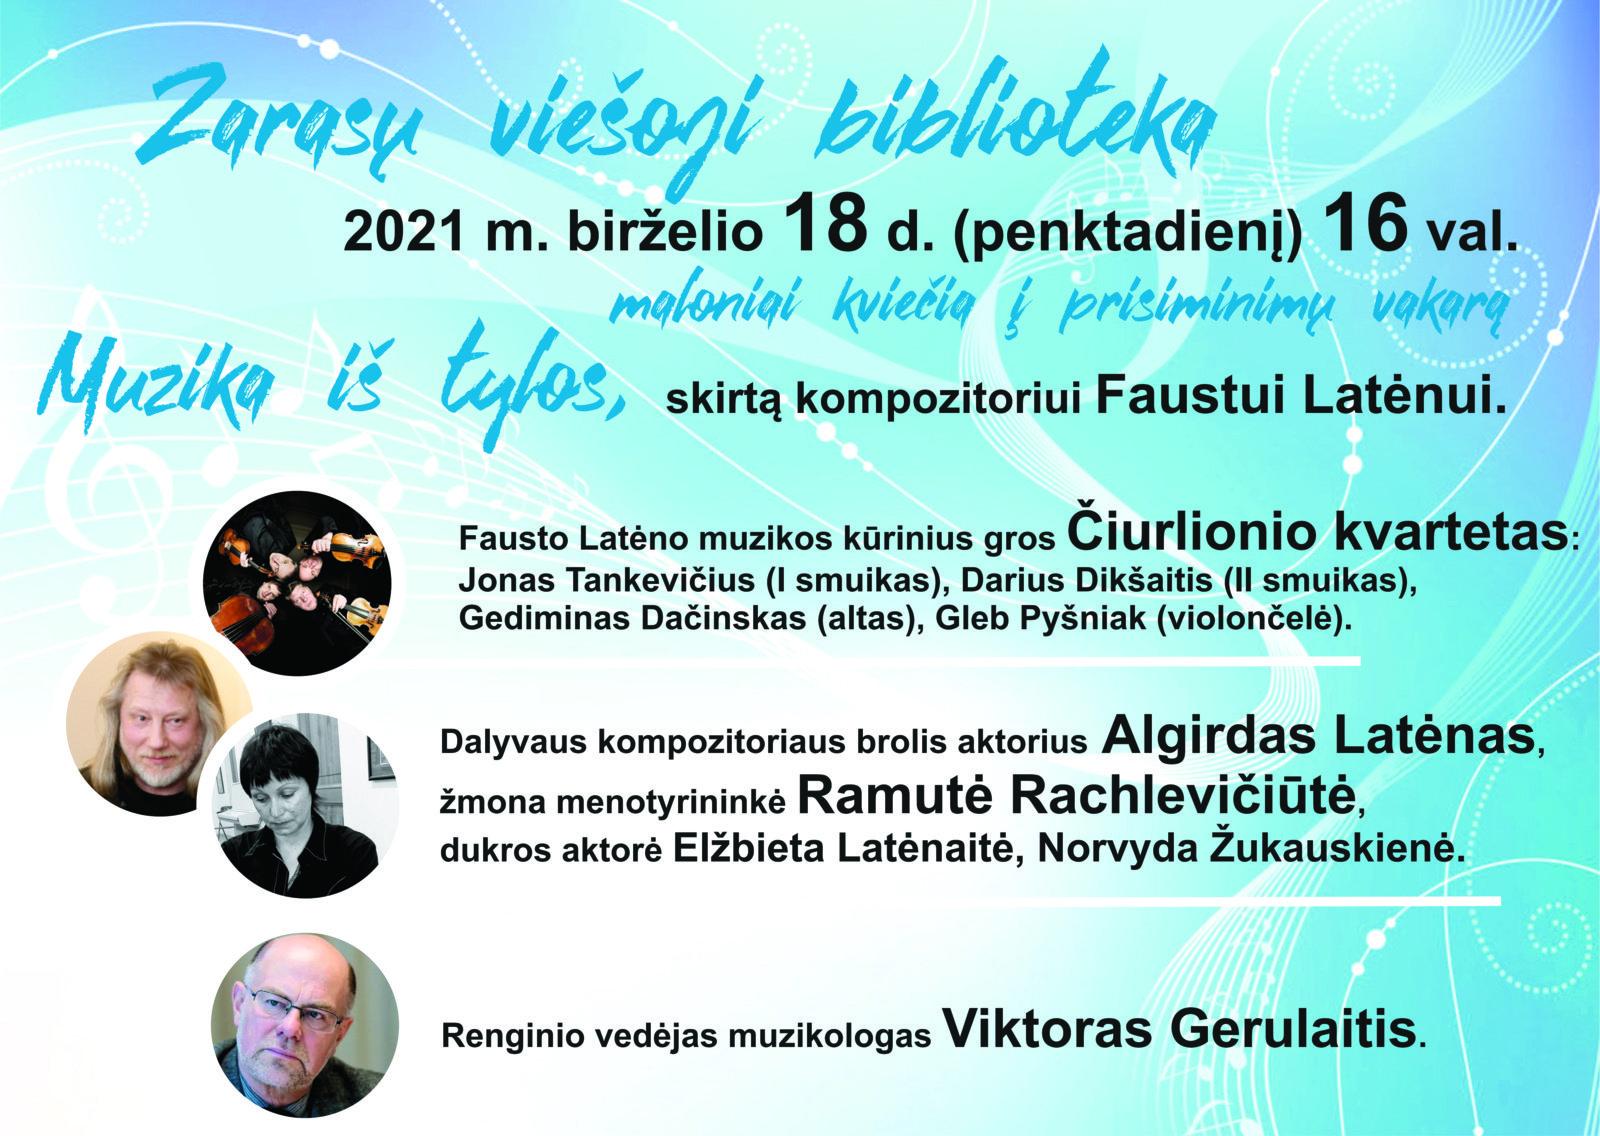 Zarasiškius kviečia į prisiminimų vakarą, skirtą kompozitoriui Faustui Latėnui